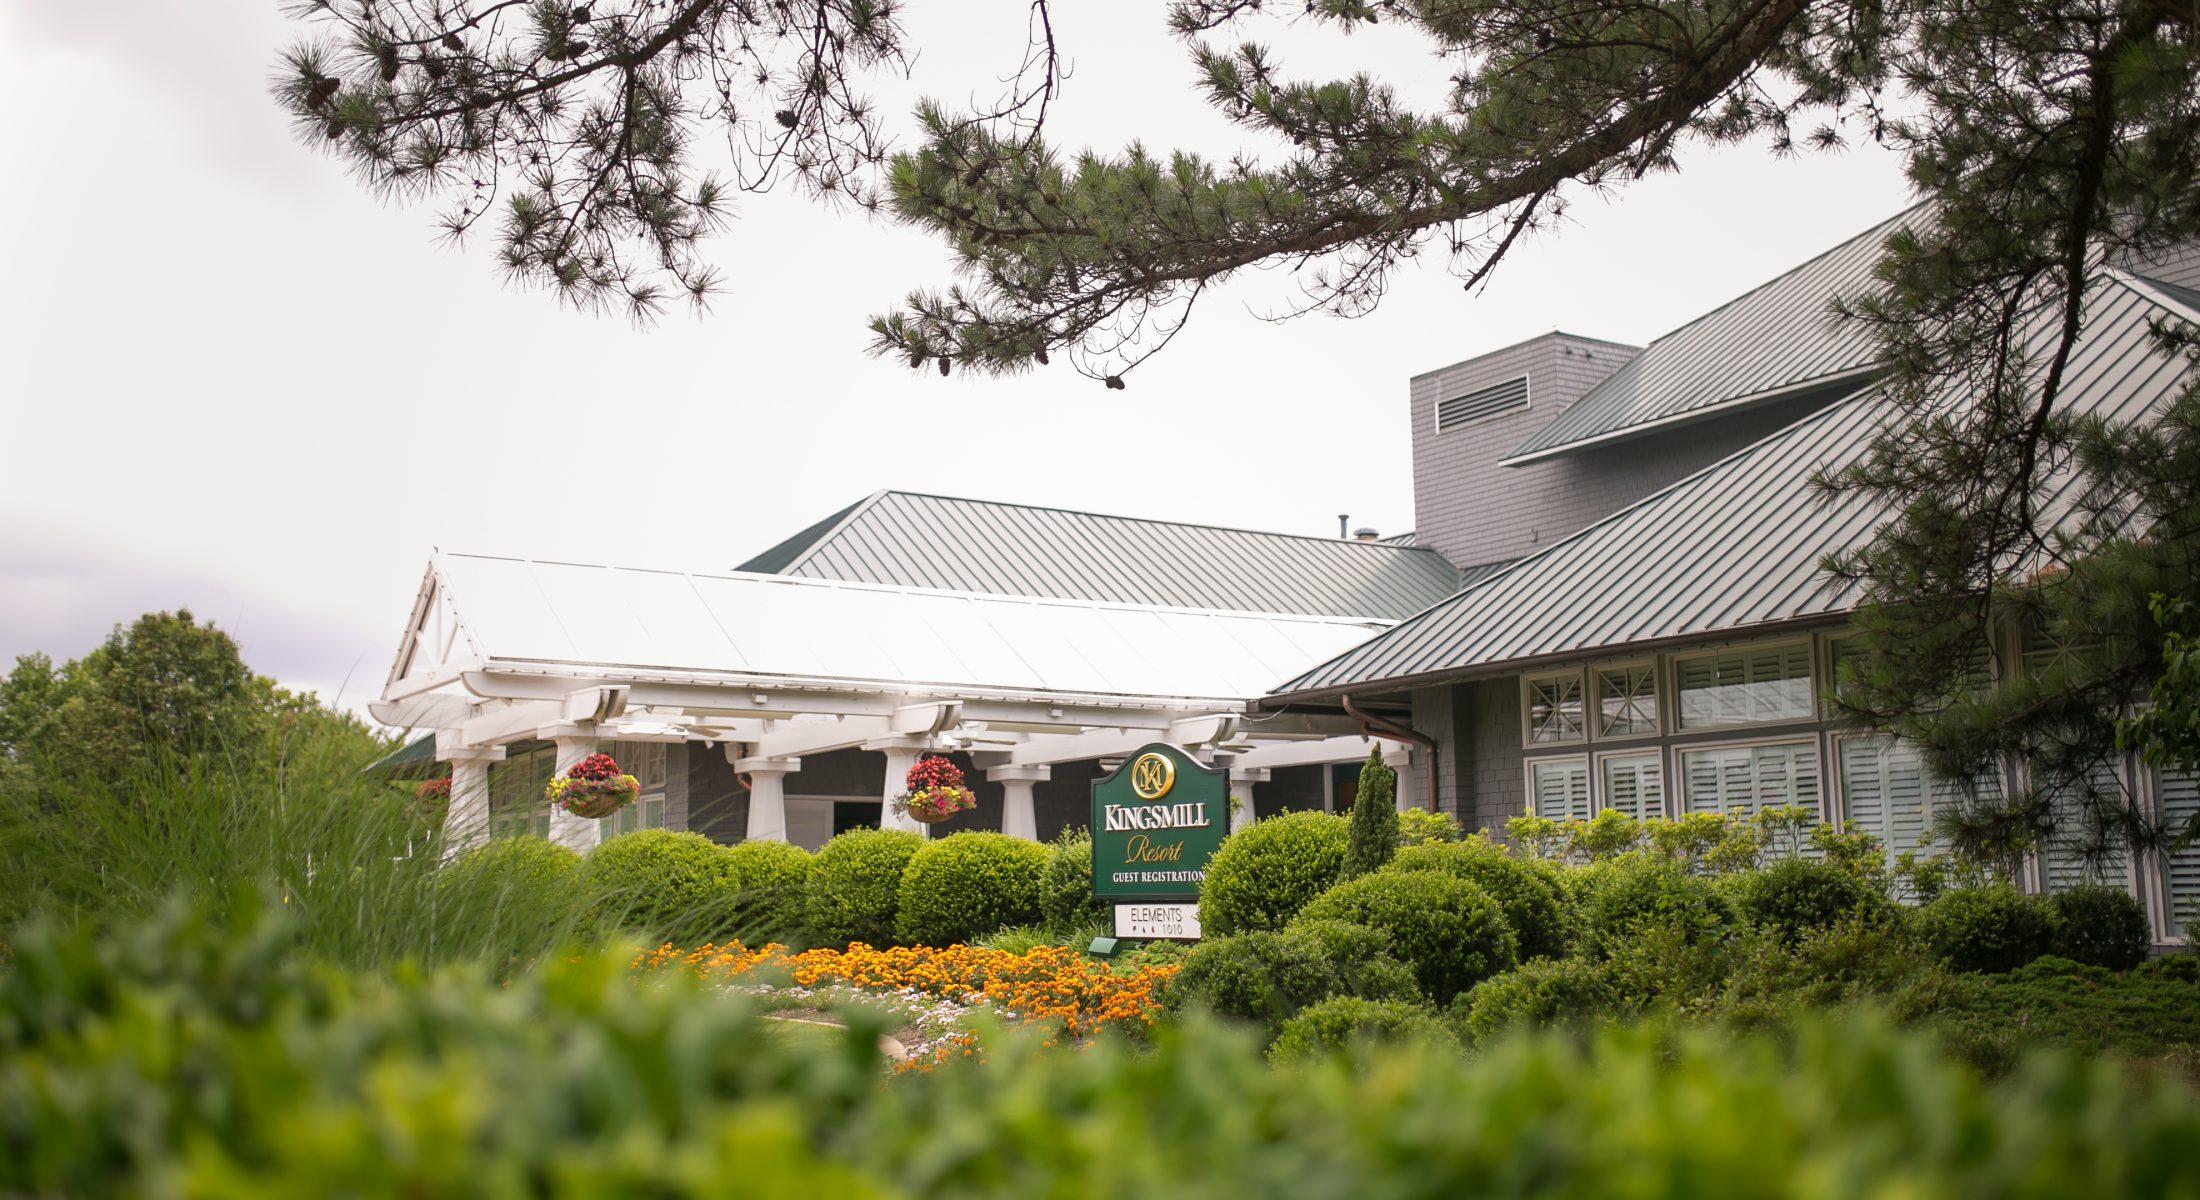 resort center flowers landscaping